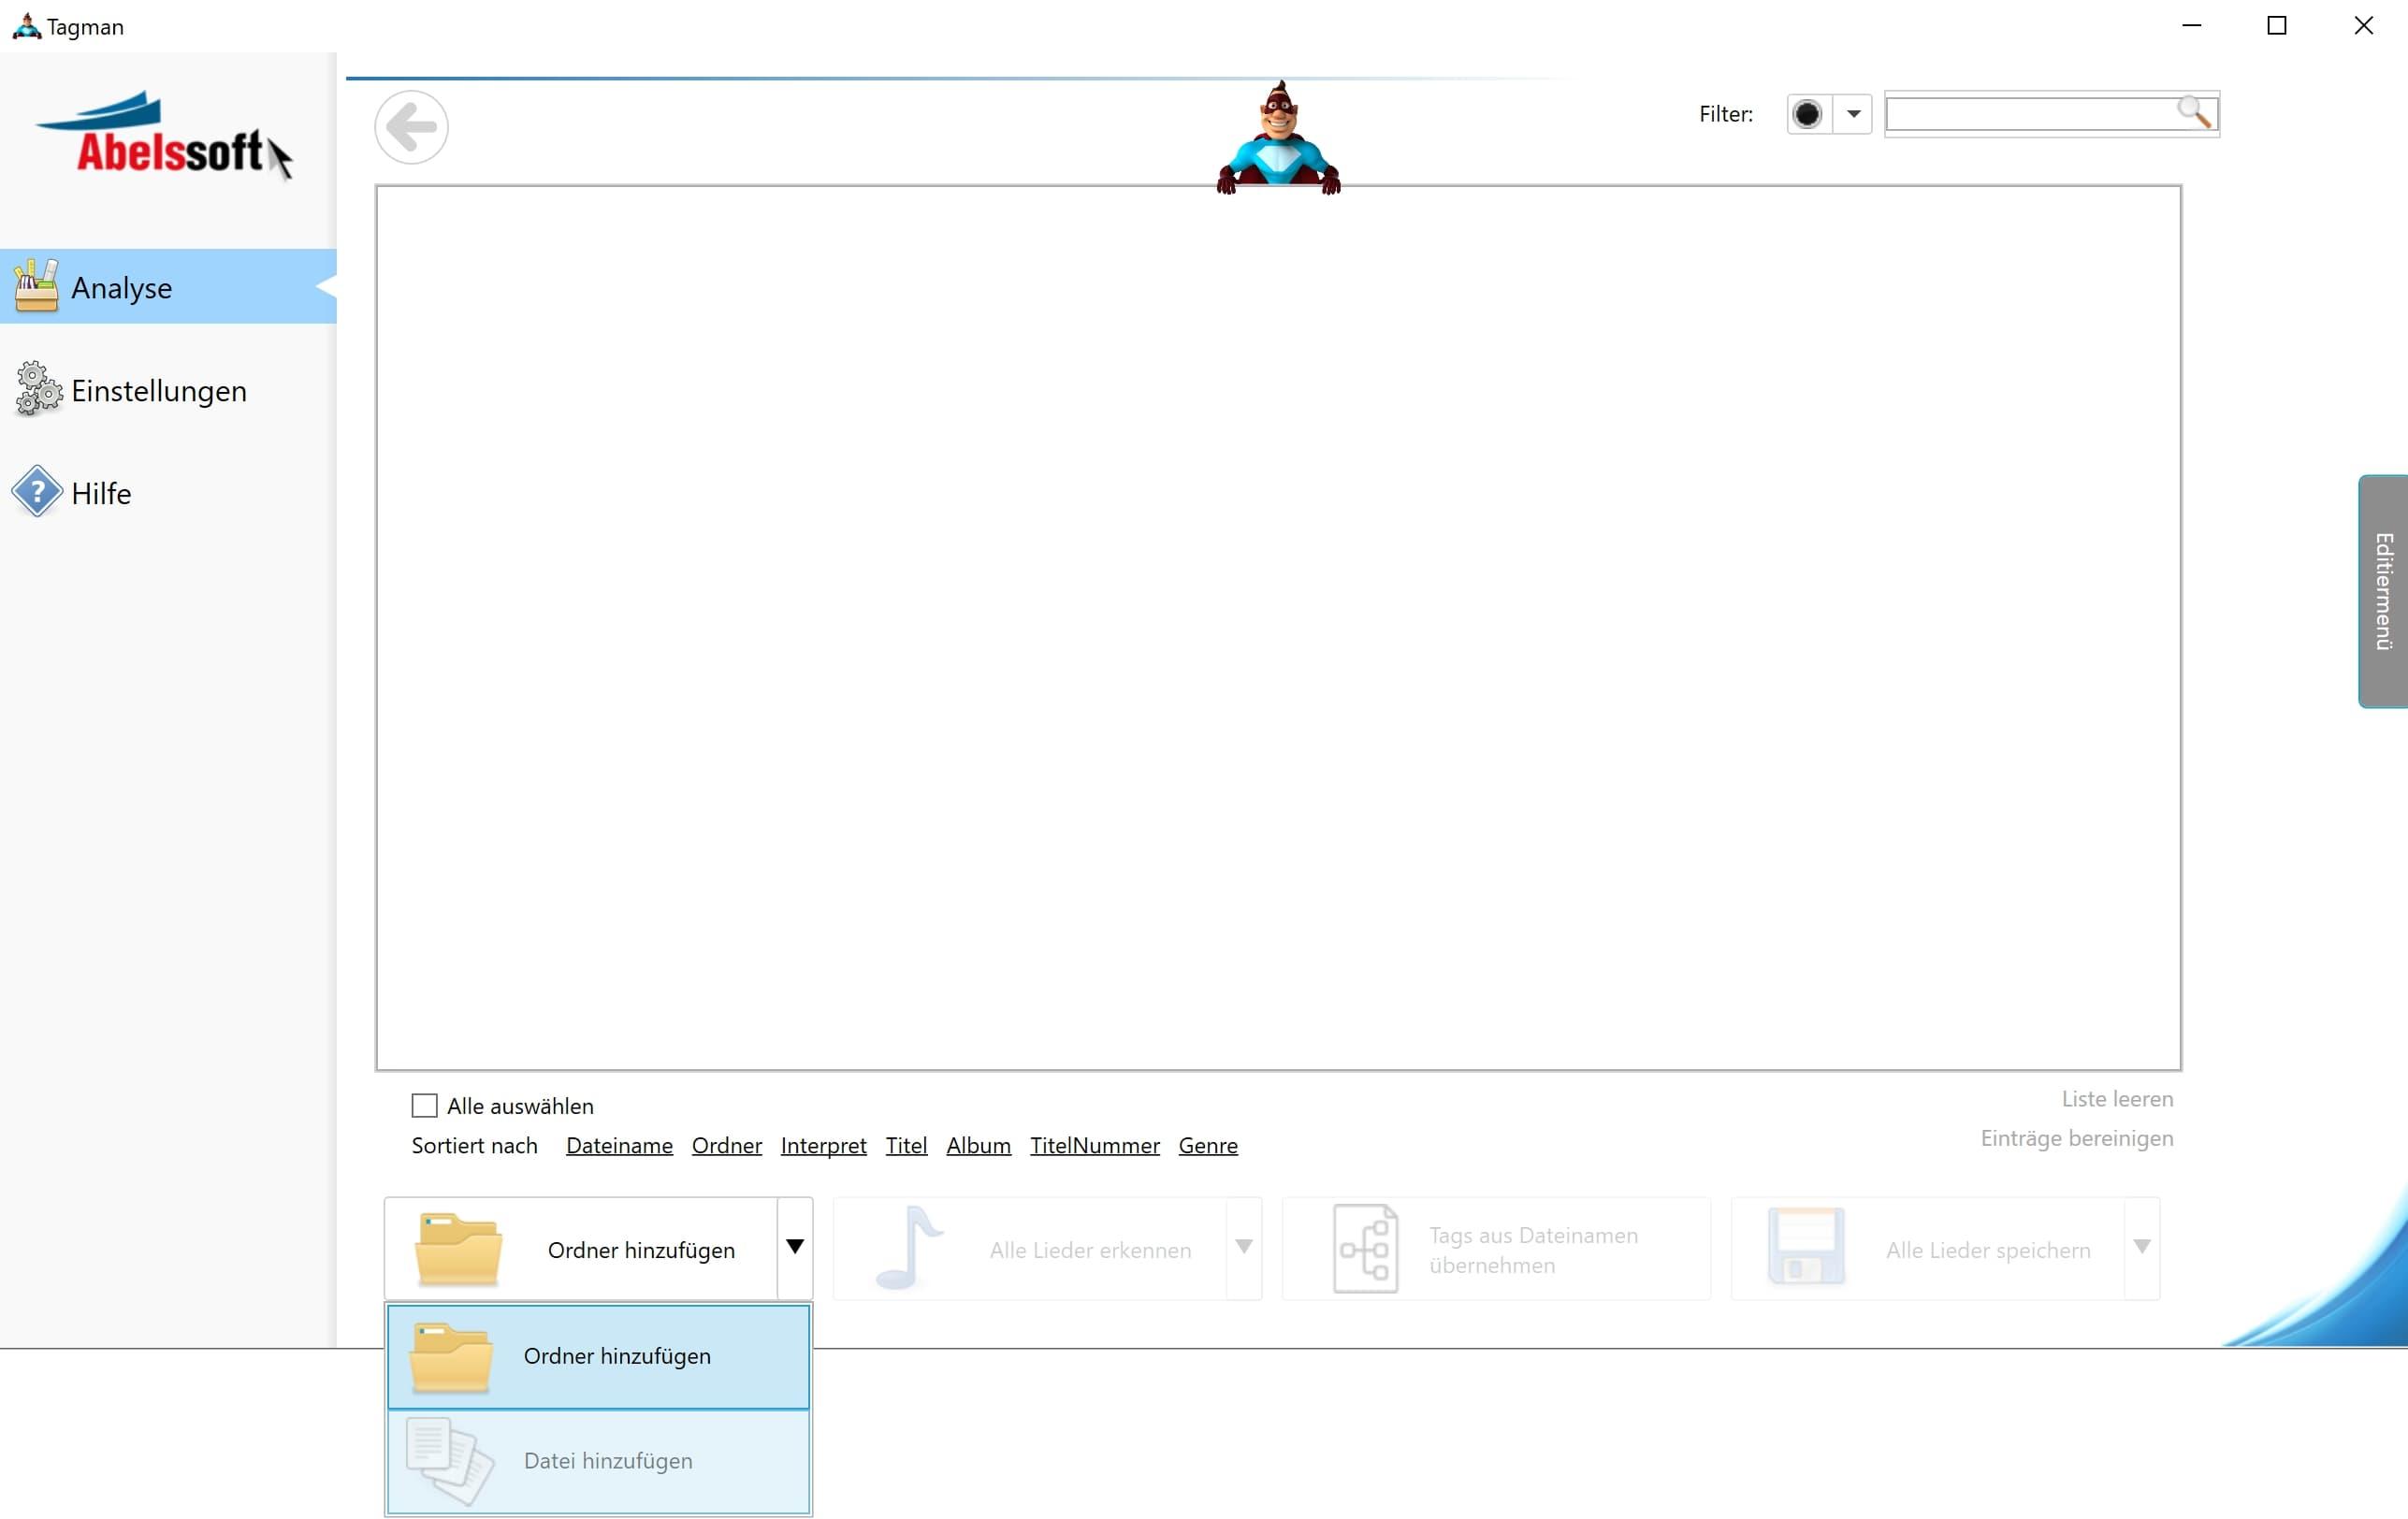 MP3 Interpret und Titel bearbeiten - Datei wählen